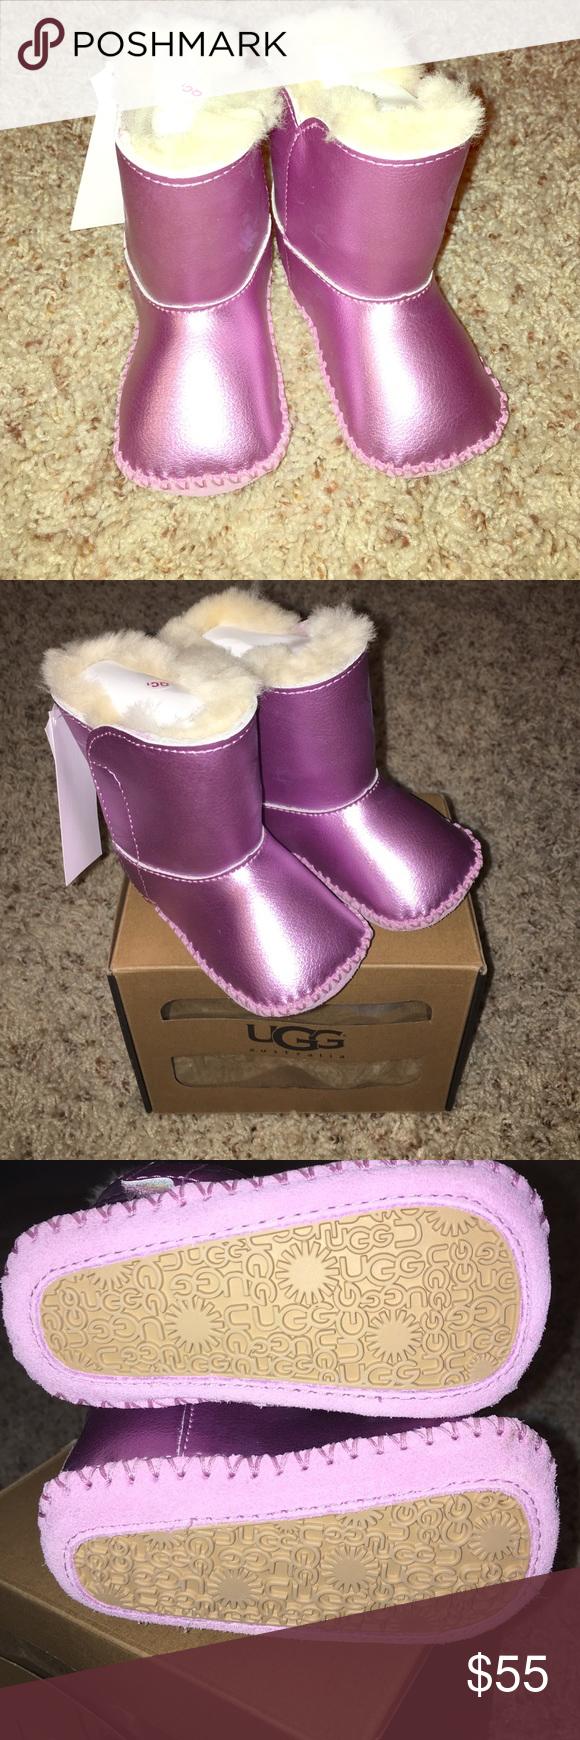 596cfd12fbd Baby Cassie Metallic Pink UGGS Baby Cassie Metallic Pink UGGS. Size 2 3 or  small or 6-12months. Brand New! UGG Shoes Baby   Walker